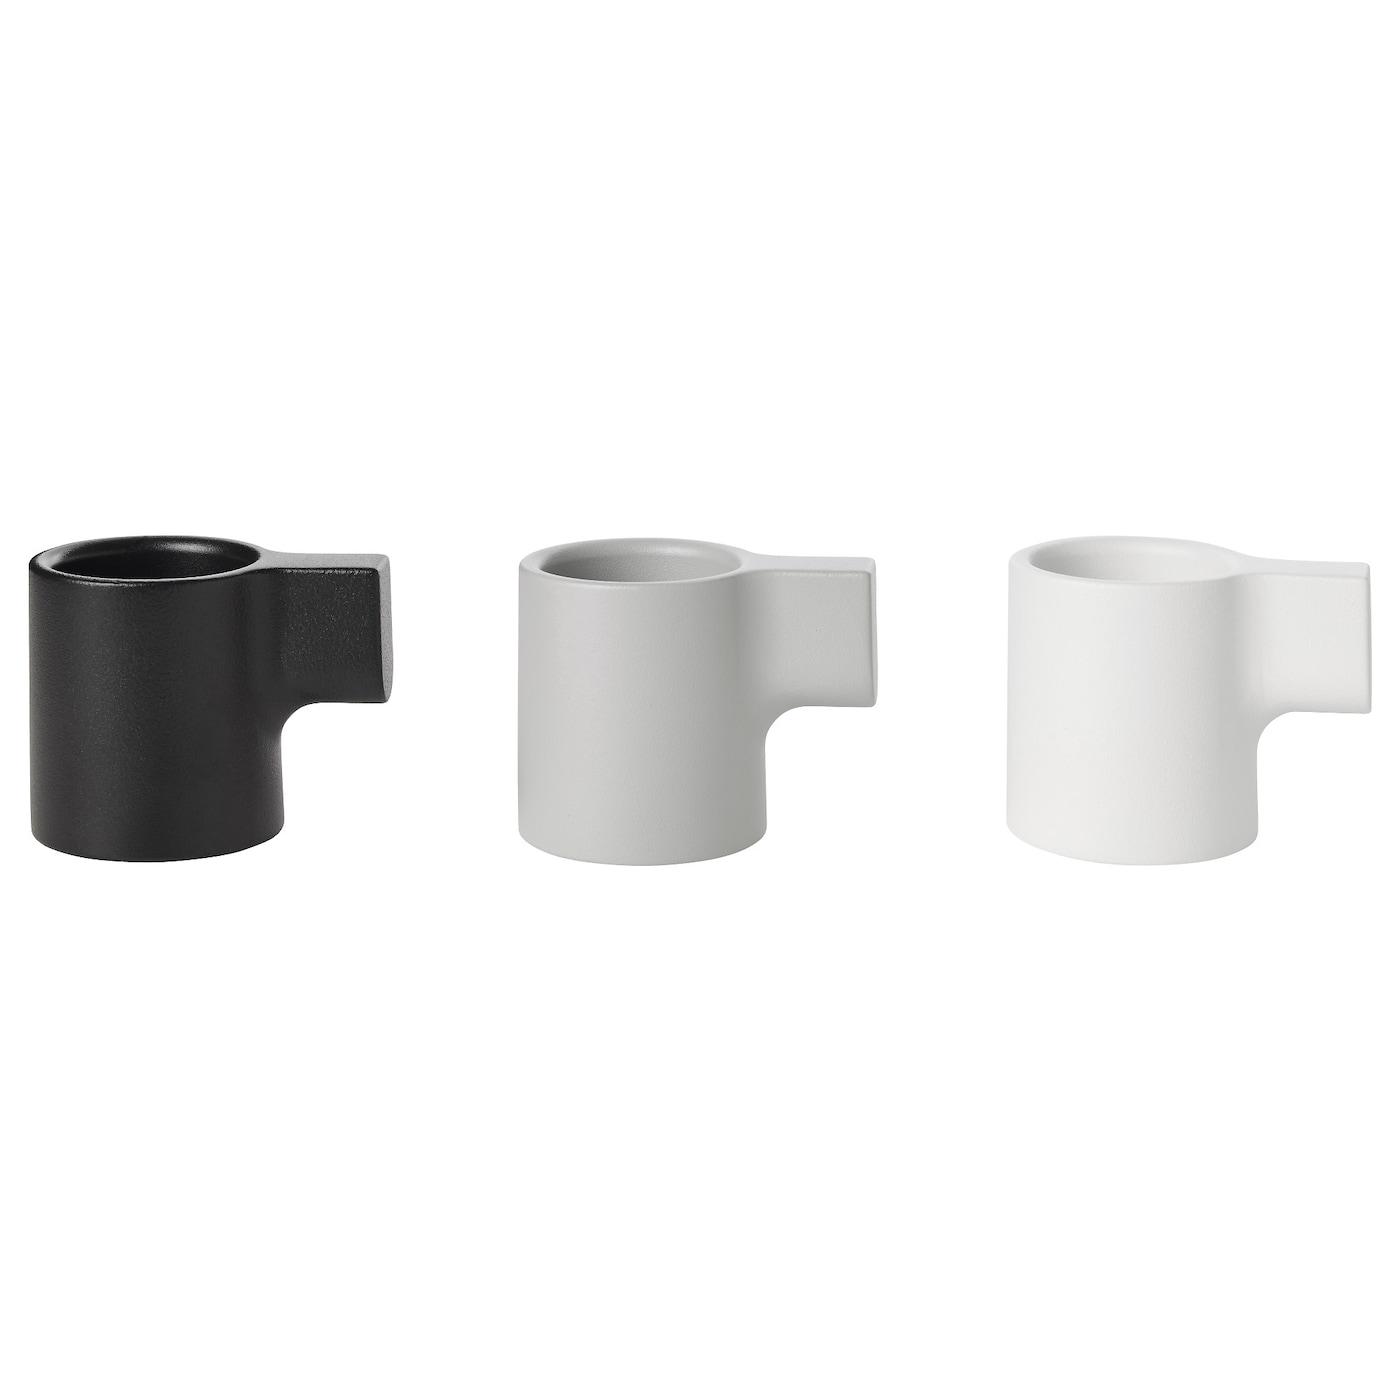 ypperlig photophore gris 6 cm ikea. Black Bedroom Furniture Sets. Home Design Ideas